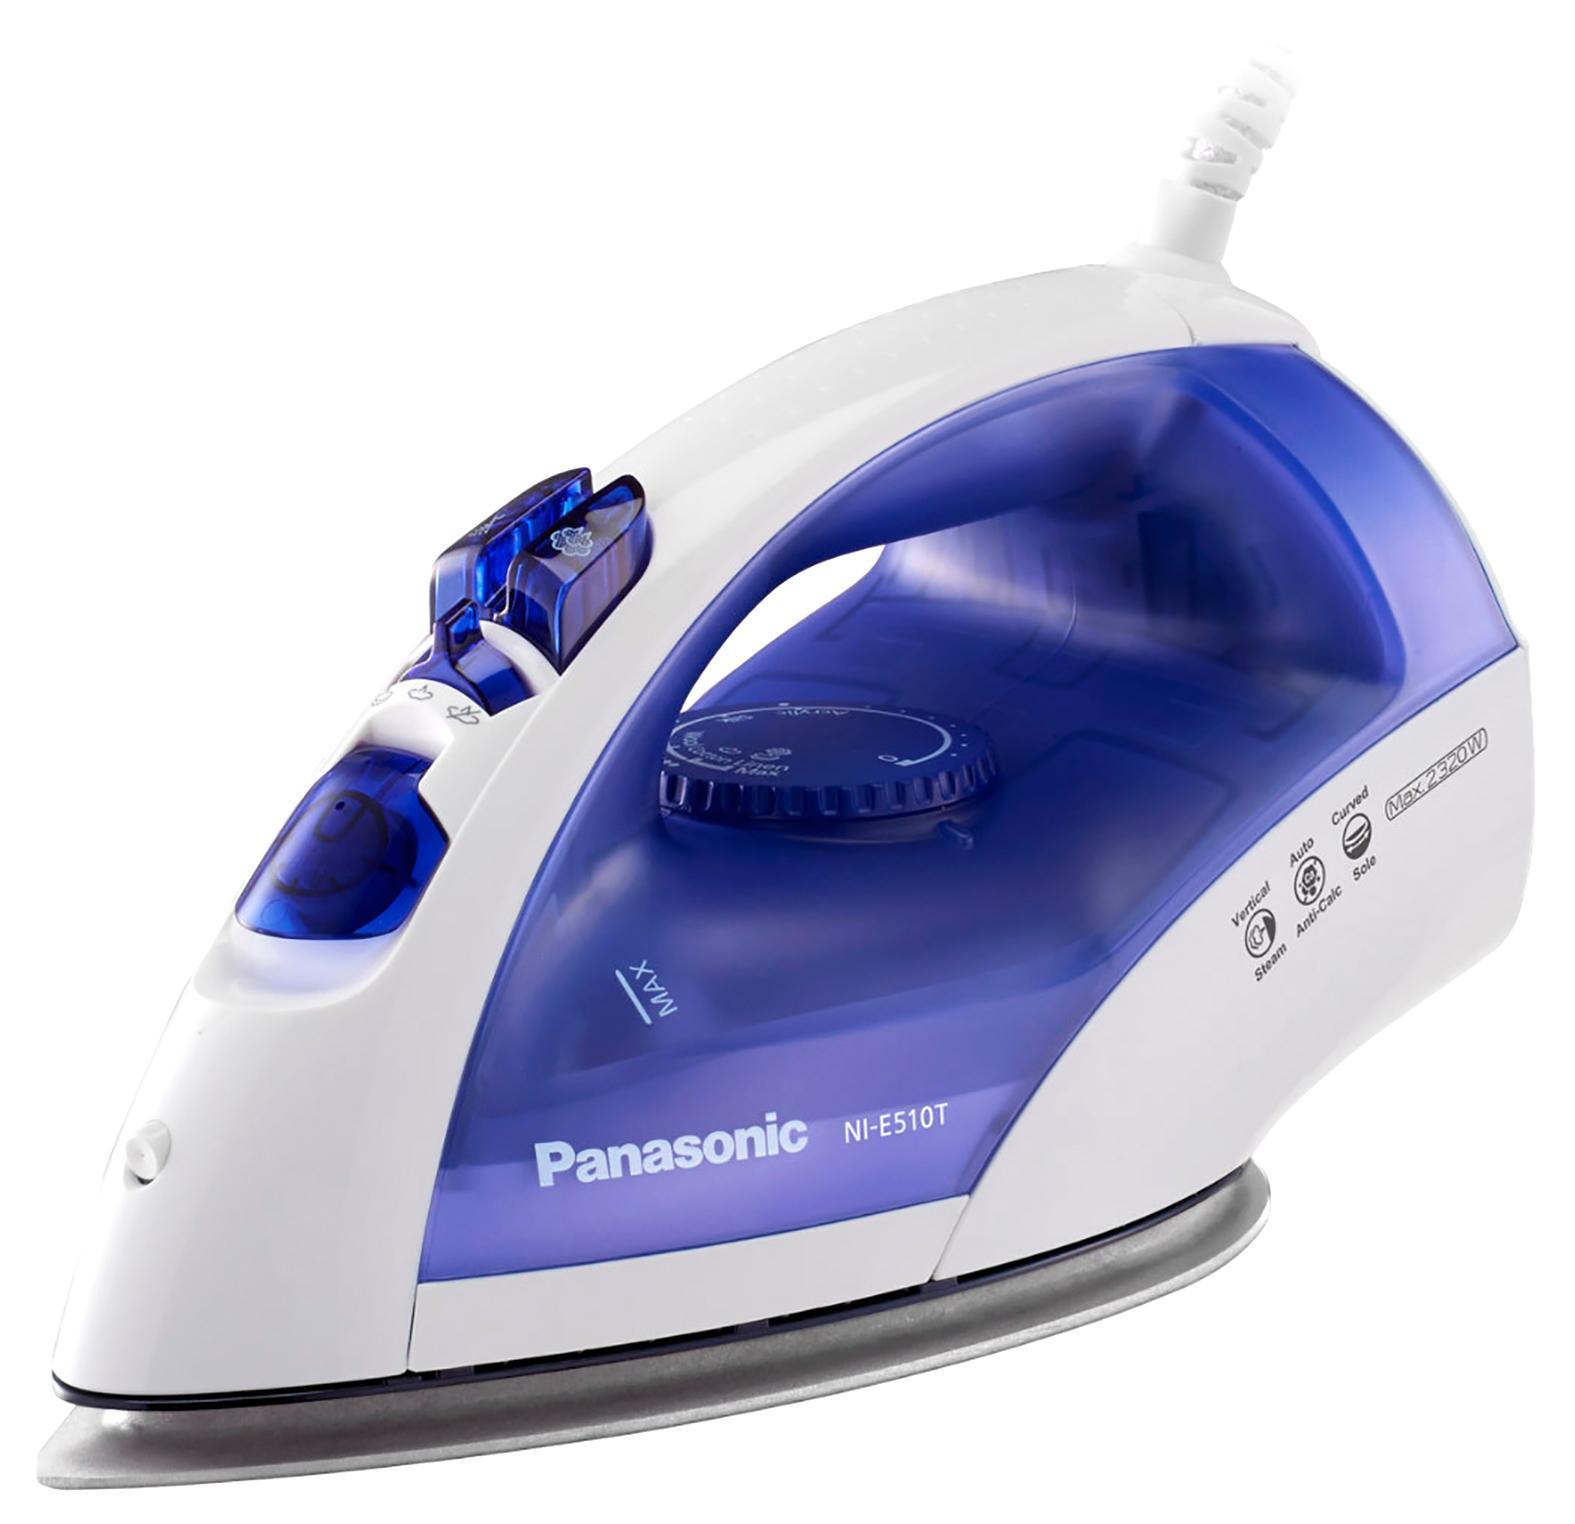 Panasonic NI-E510TDTW утюгNI-E510TDTWPanasonic NI-E510TDTW Утюг 2380Вт,сферич.под.Round-Ride,п/у 84г/мин,п/п до 25 г/мин,в/п,защита от накипи CalcCut